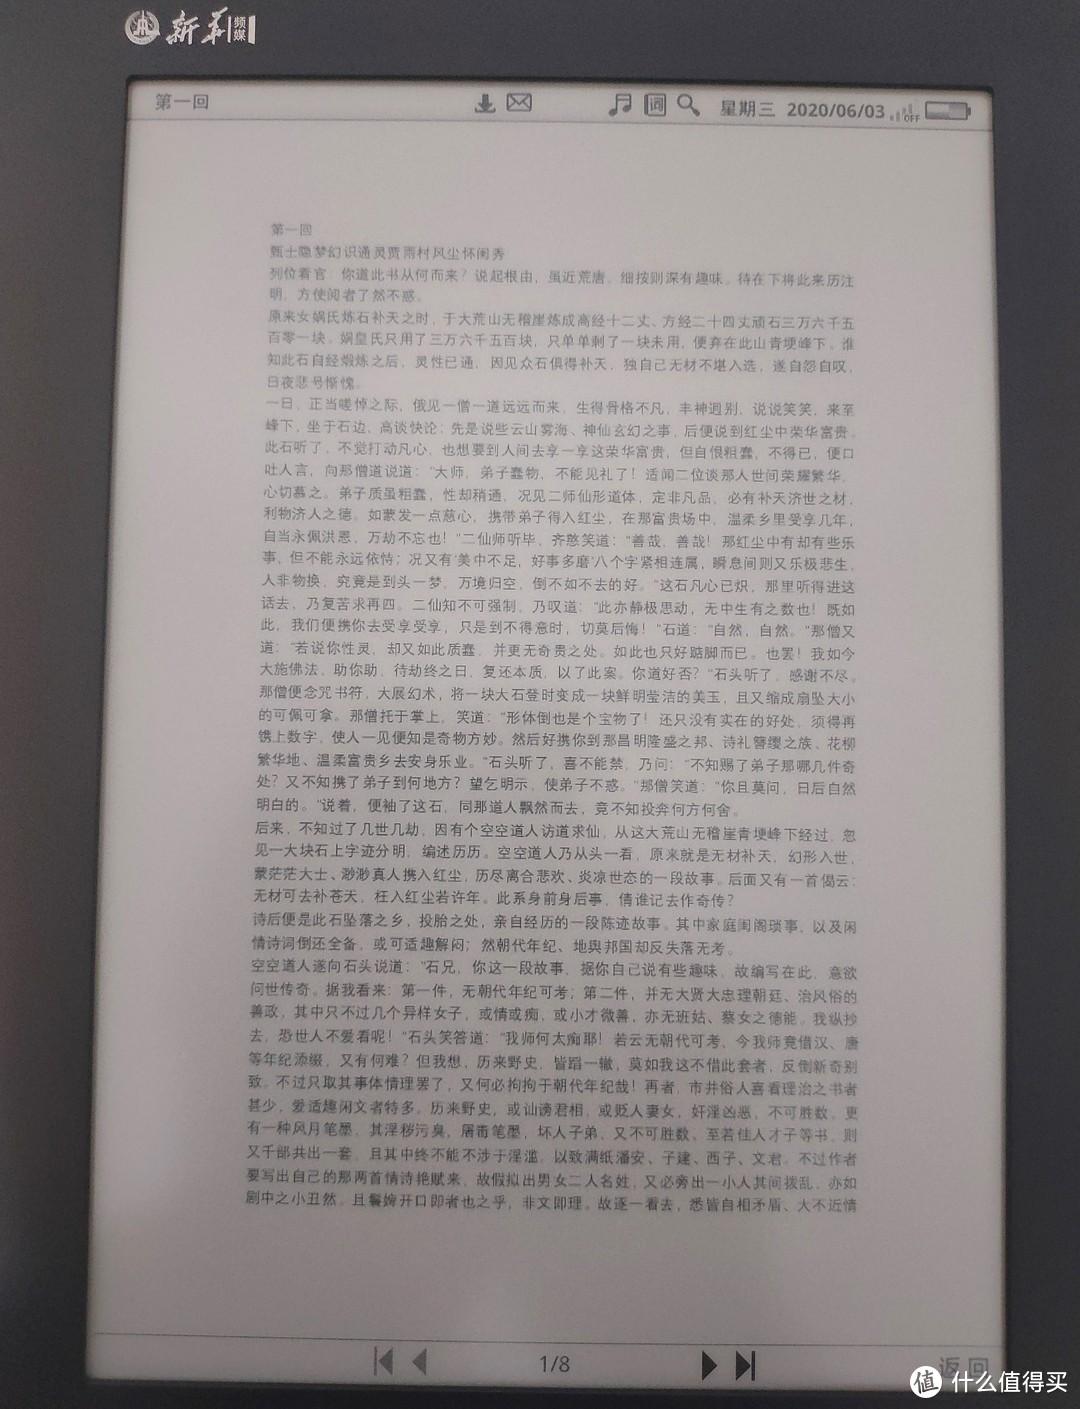 纯文字pdf也可以打开,不过白边很大,也没切白边功能,导致文字看着很小。无法单独放大文字,只能通过右侧按钮放大整个页面。